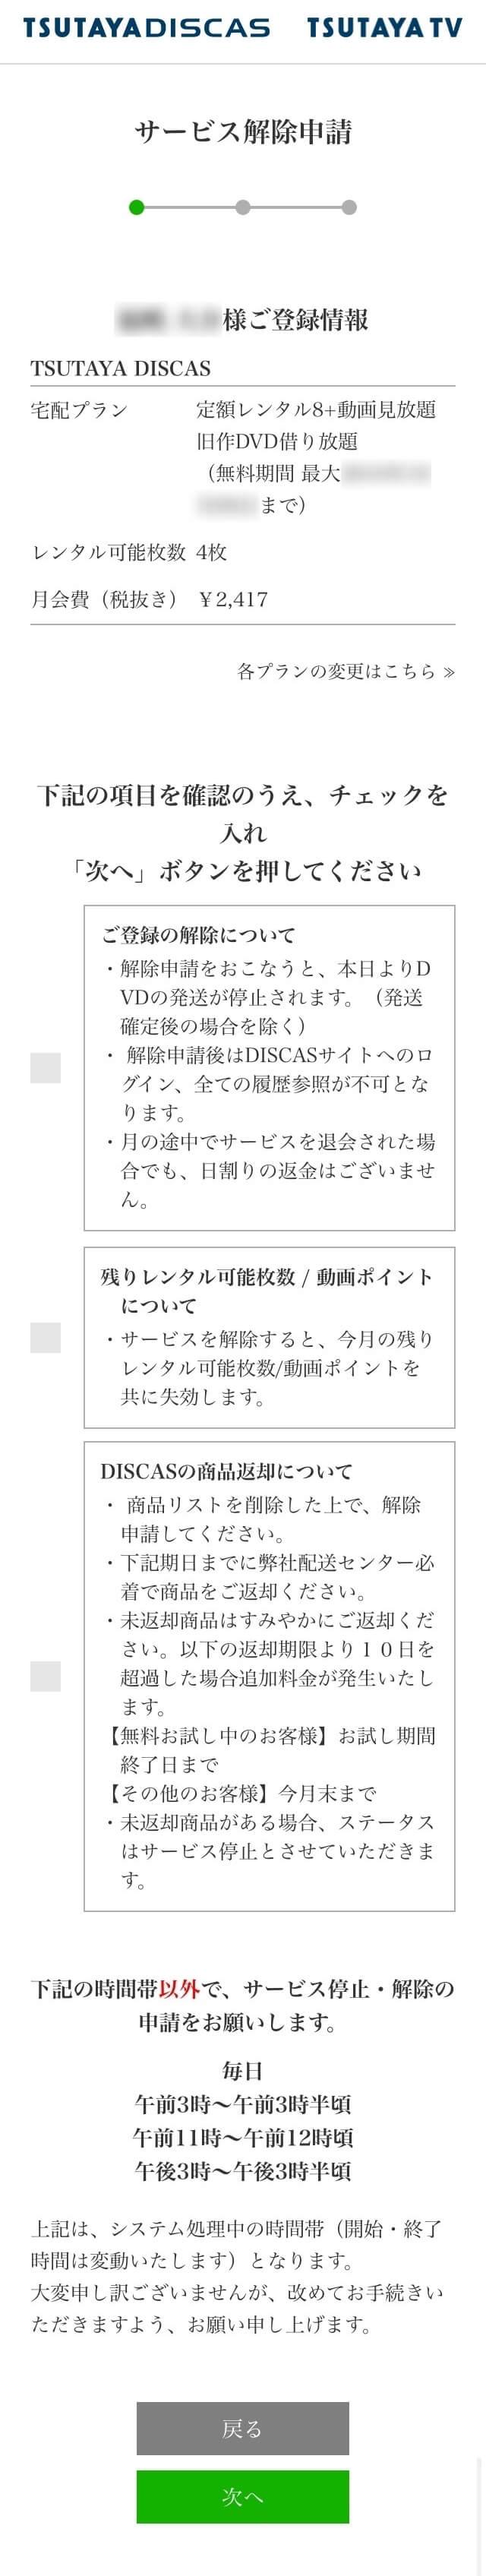 TSUTAYA TV・DISCAS解除1